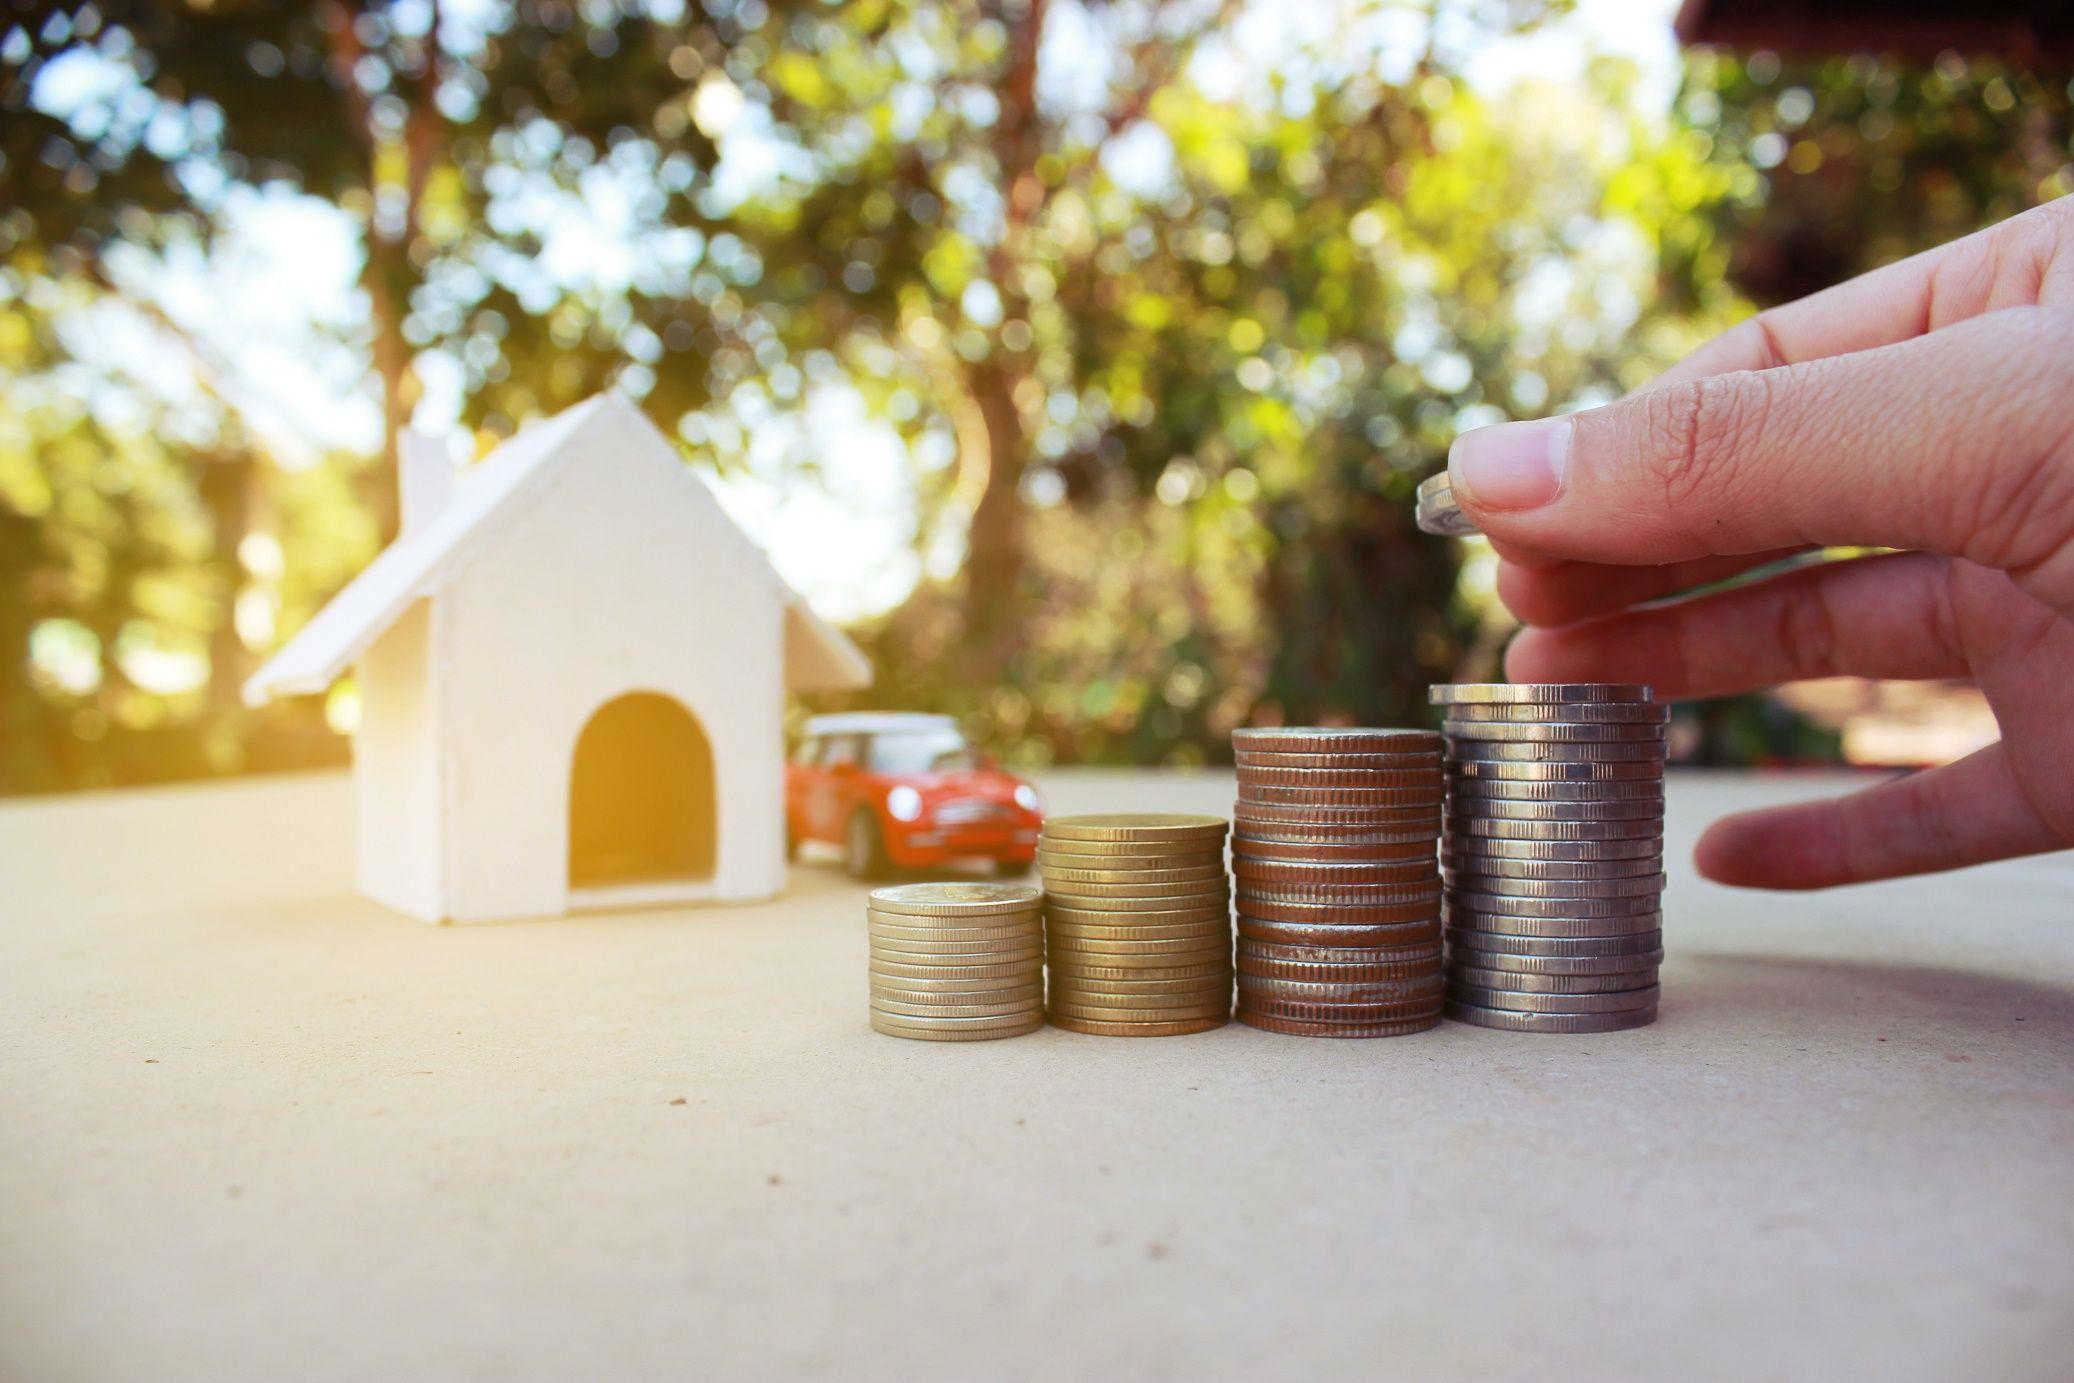 Acquistare e possedere la casa | Avvocato a Bologna